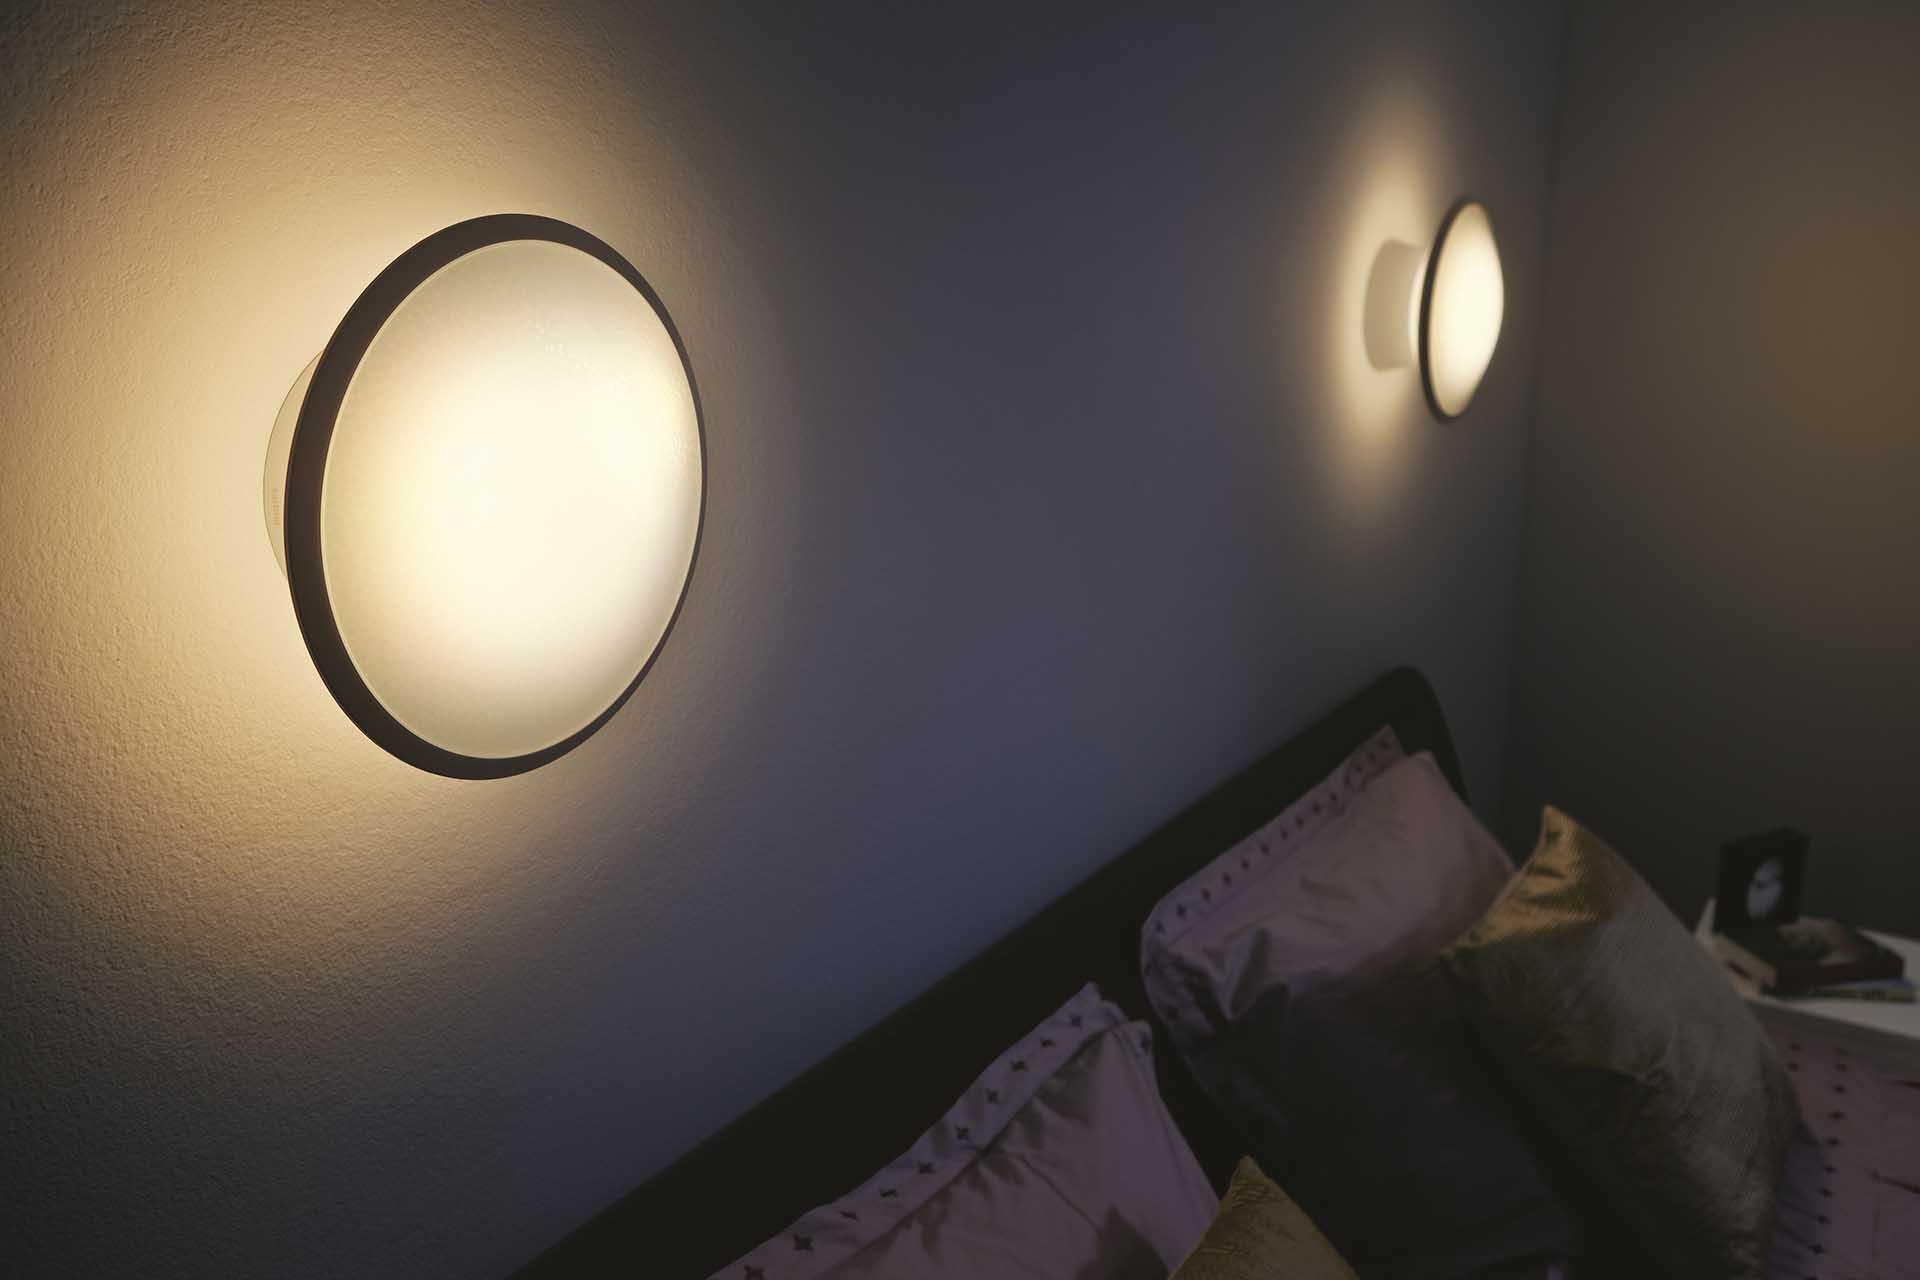 Philips Lampen Armaturen : Philips introduceert de hue phoenix lijn gadgetgear.nl